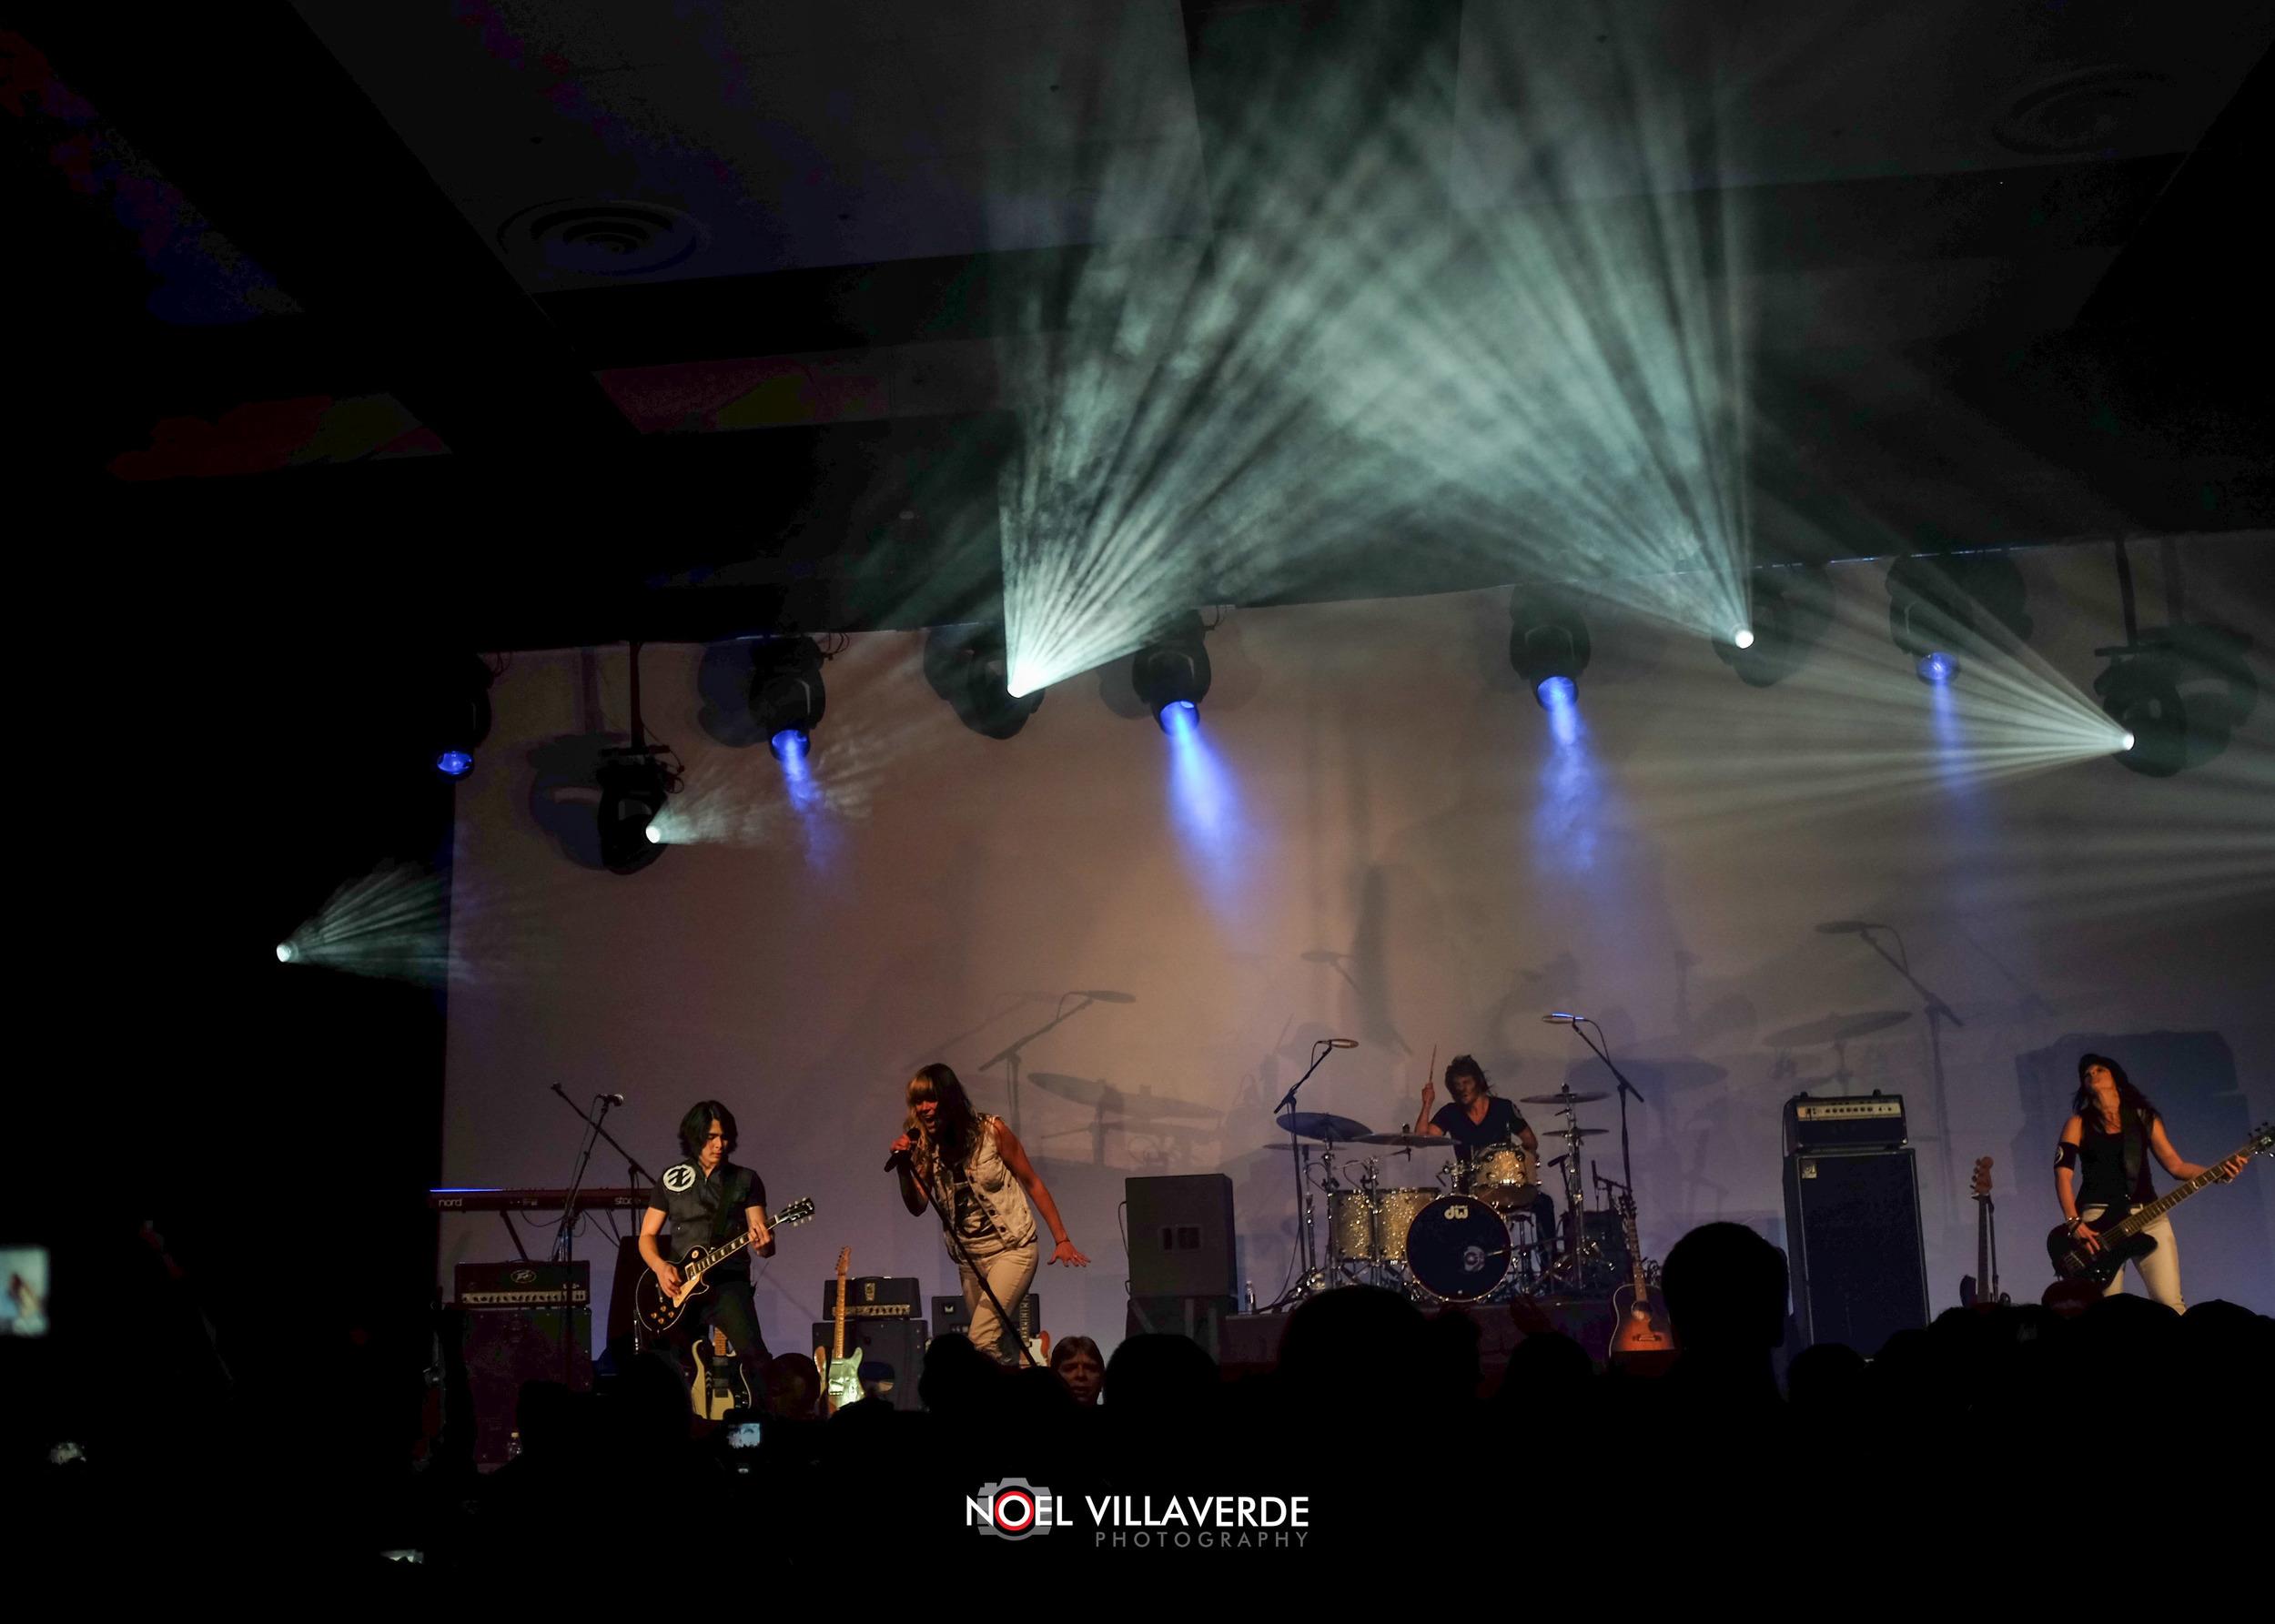 Ignition_Concert-7.jpg